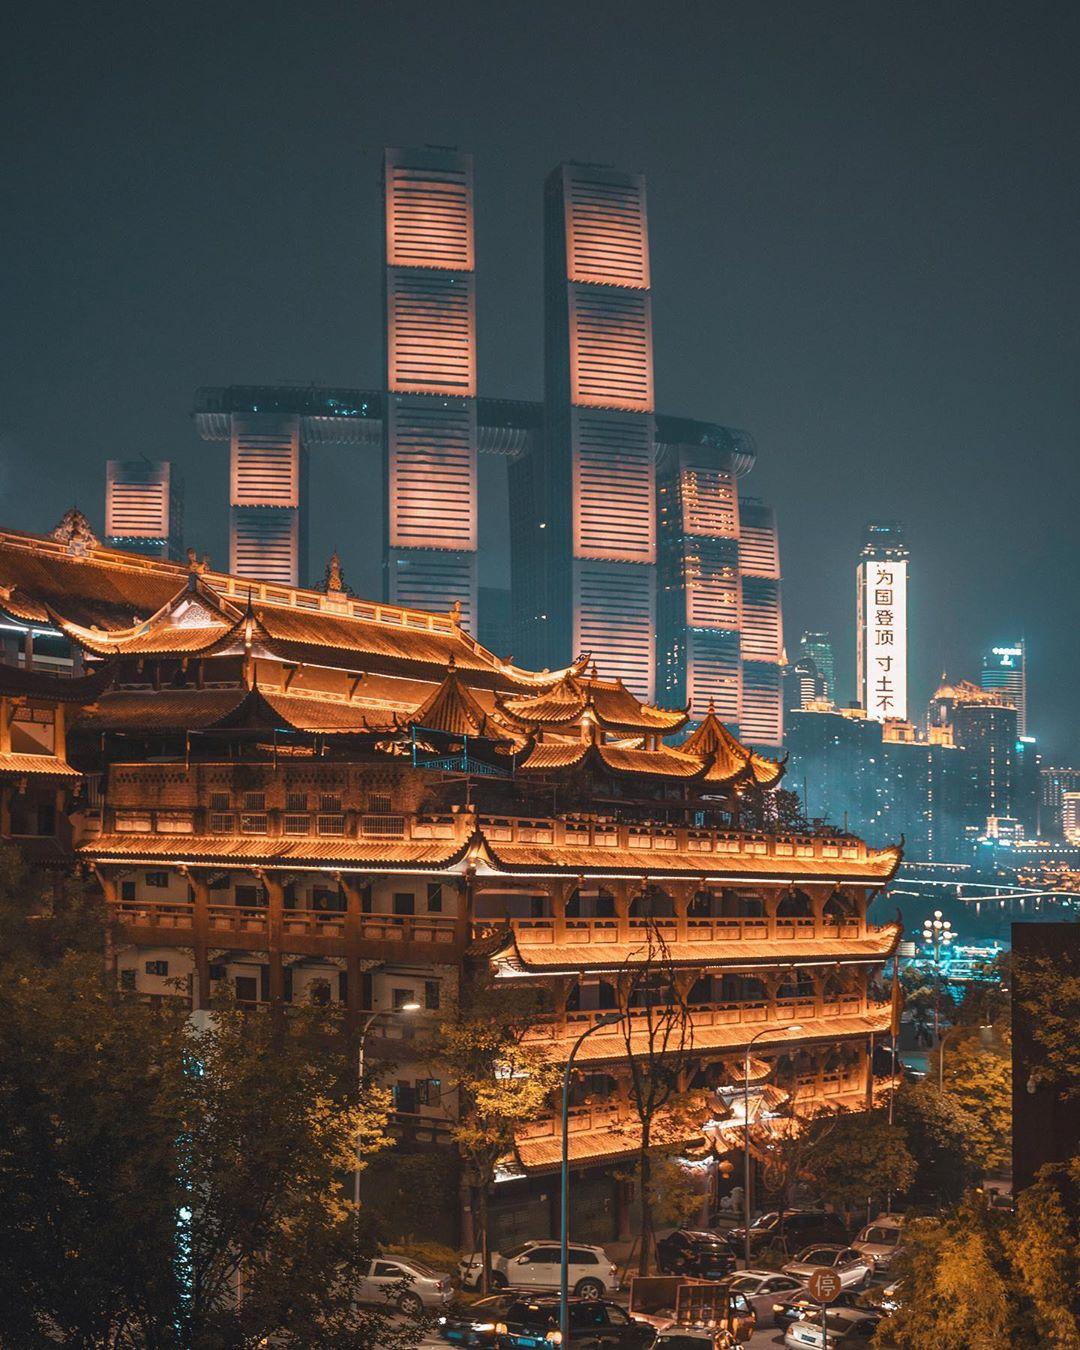 Trùng Khánh (Chongqing), Trung Quốc